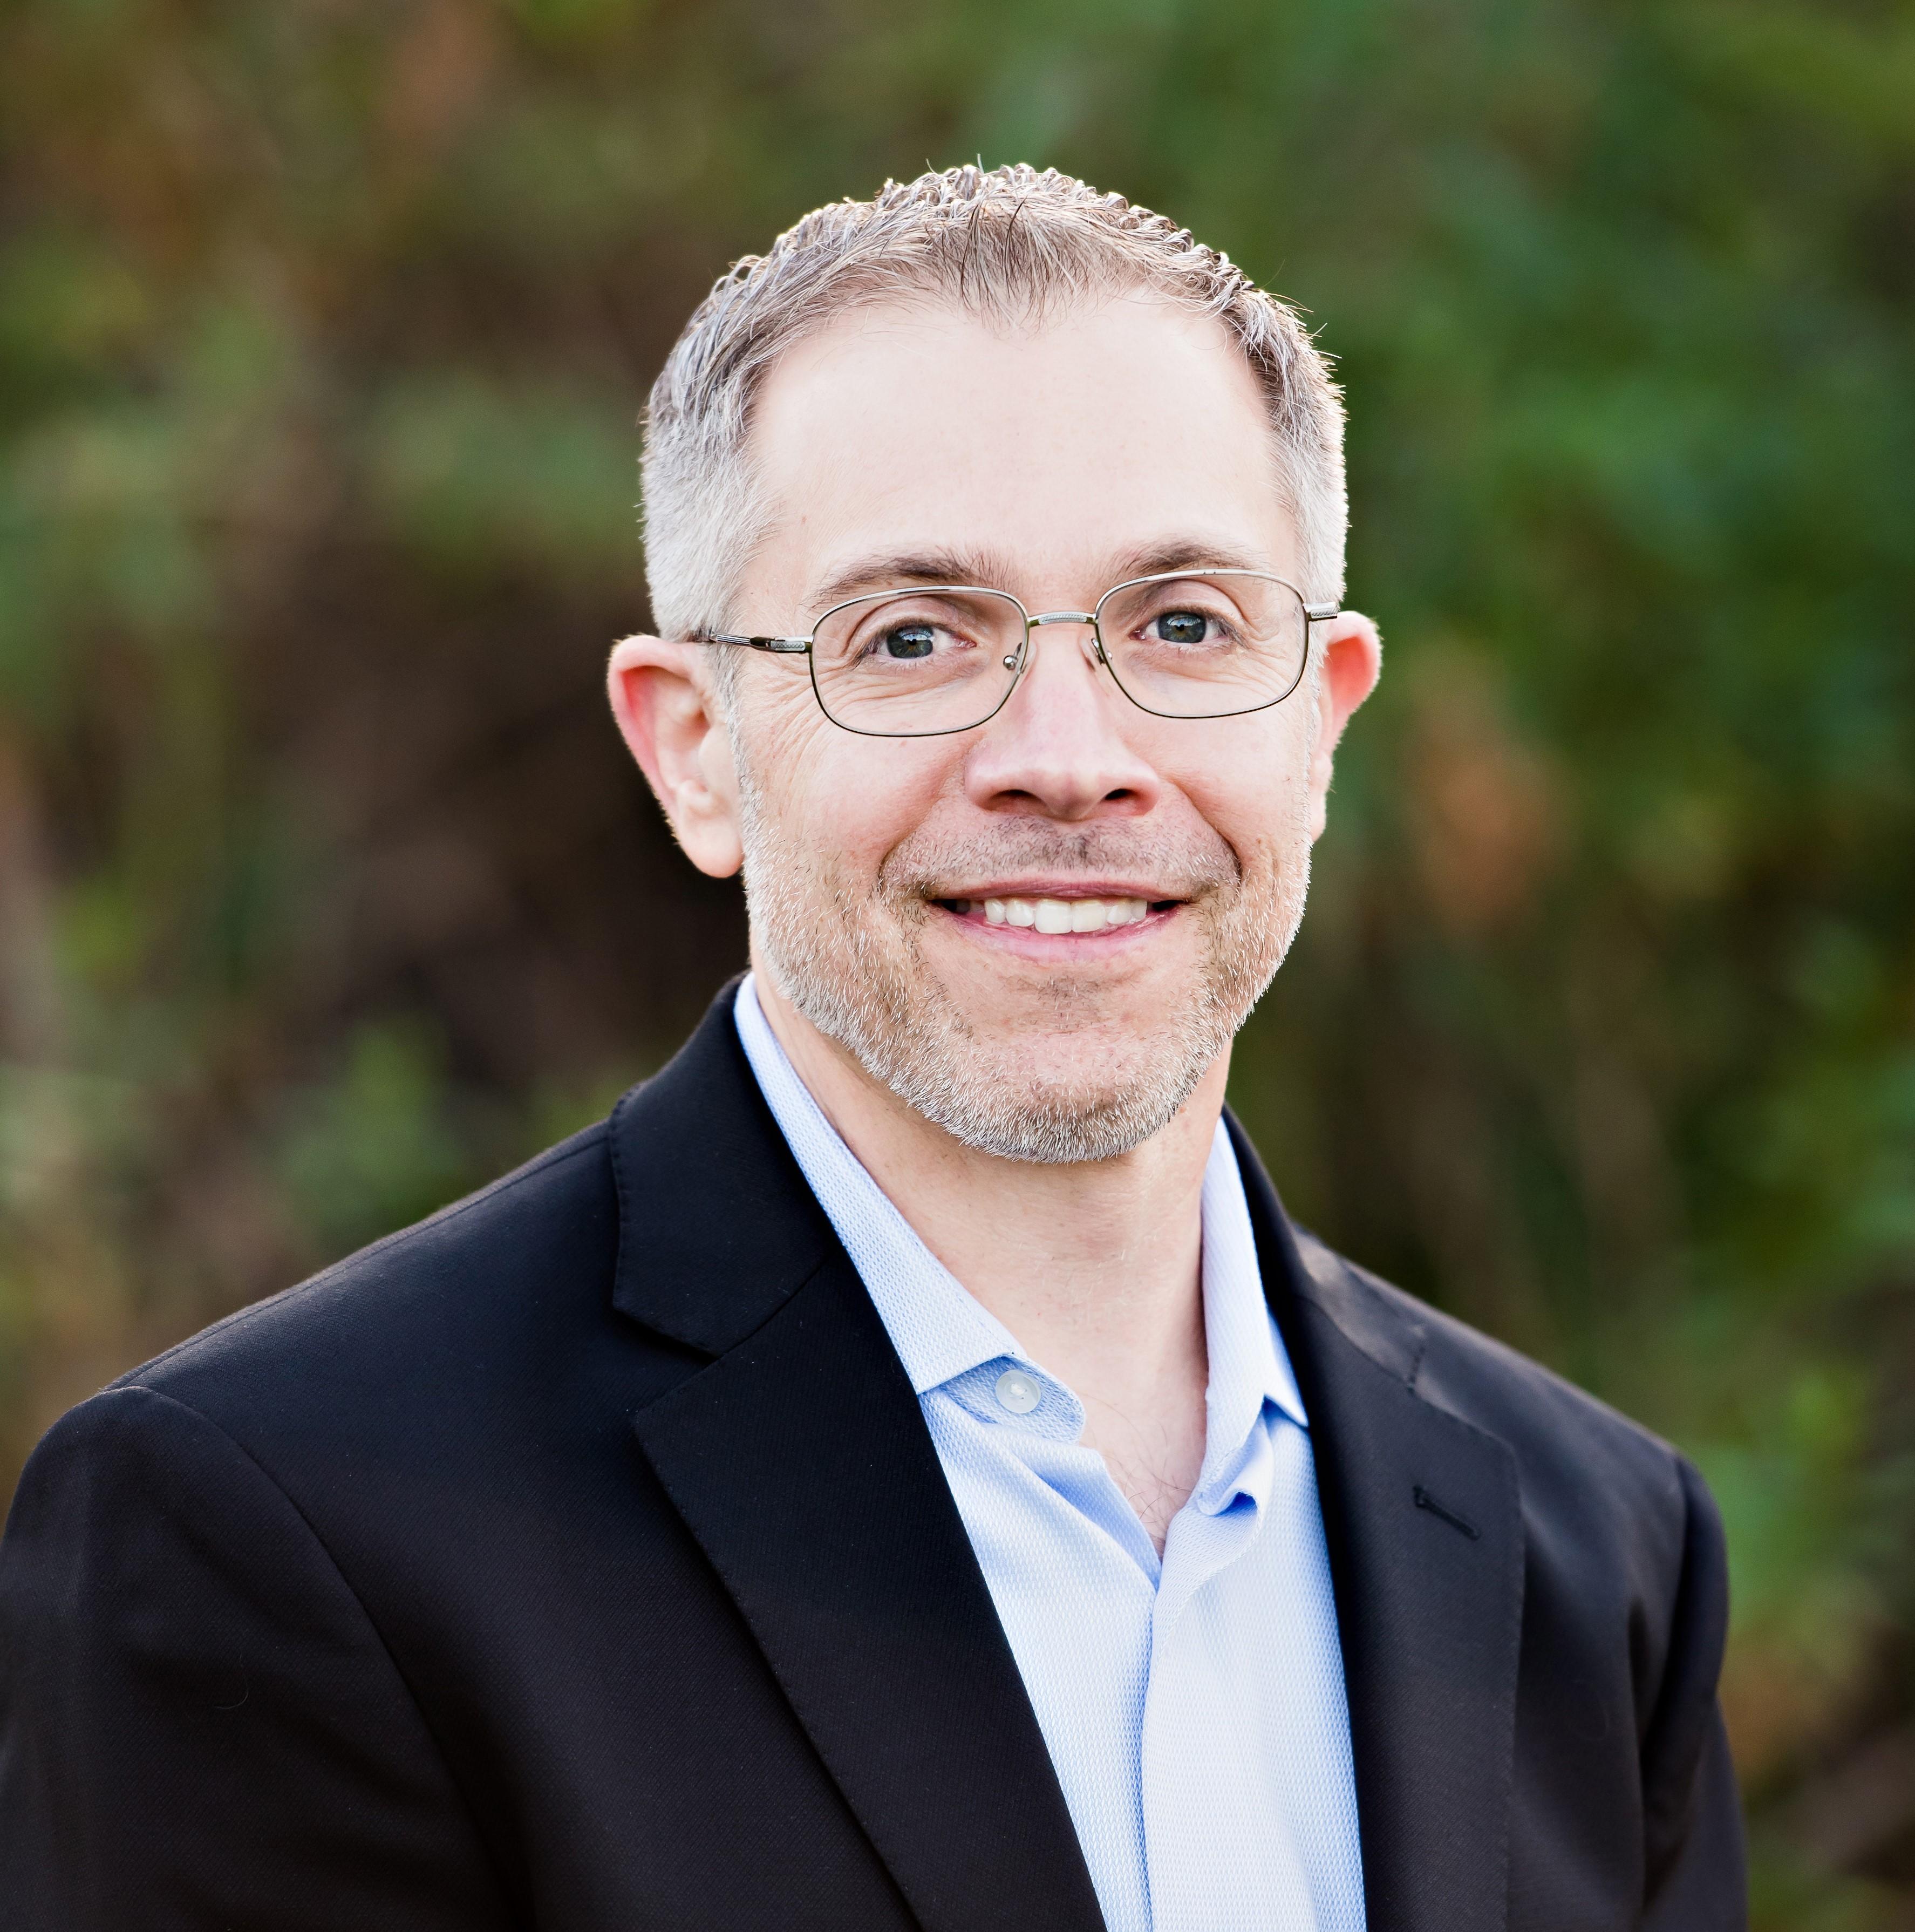 Bryan Devore